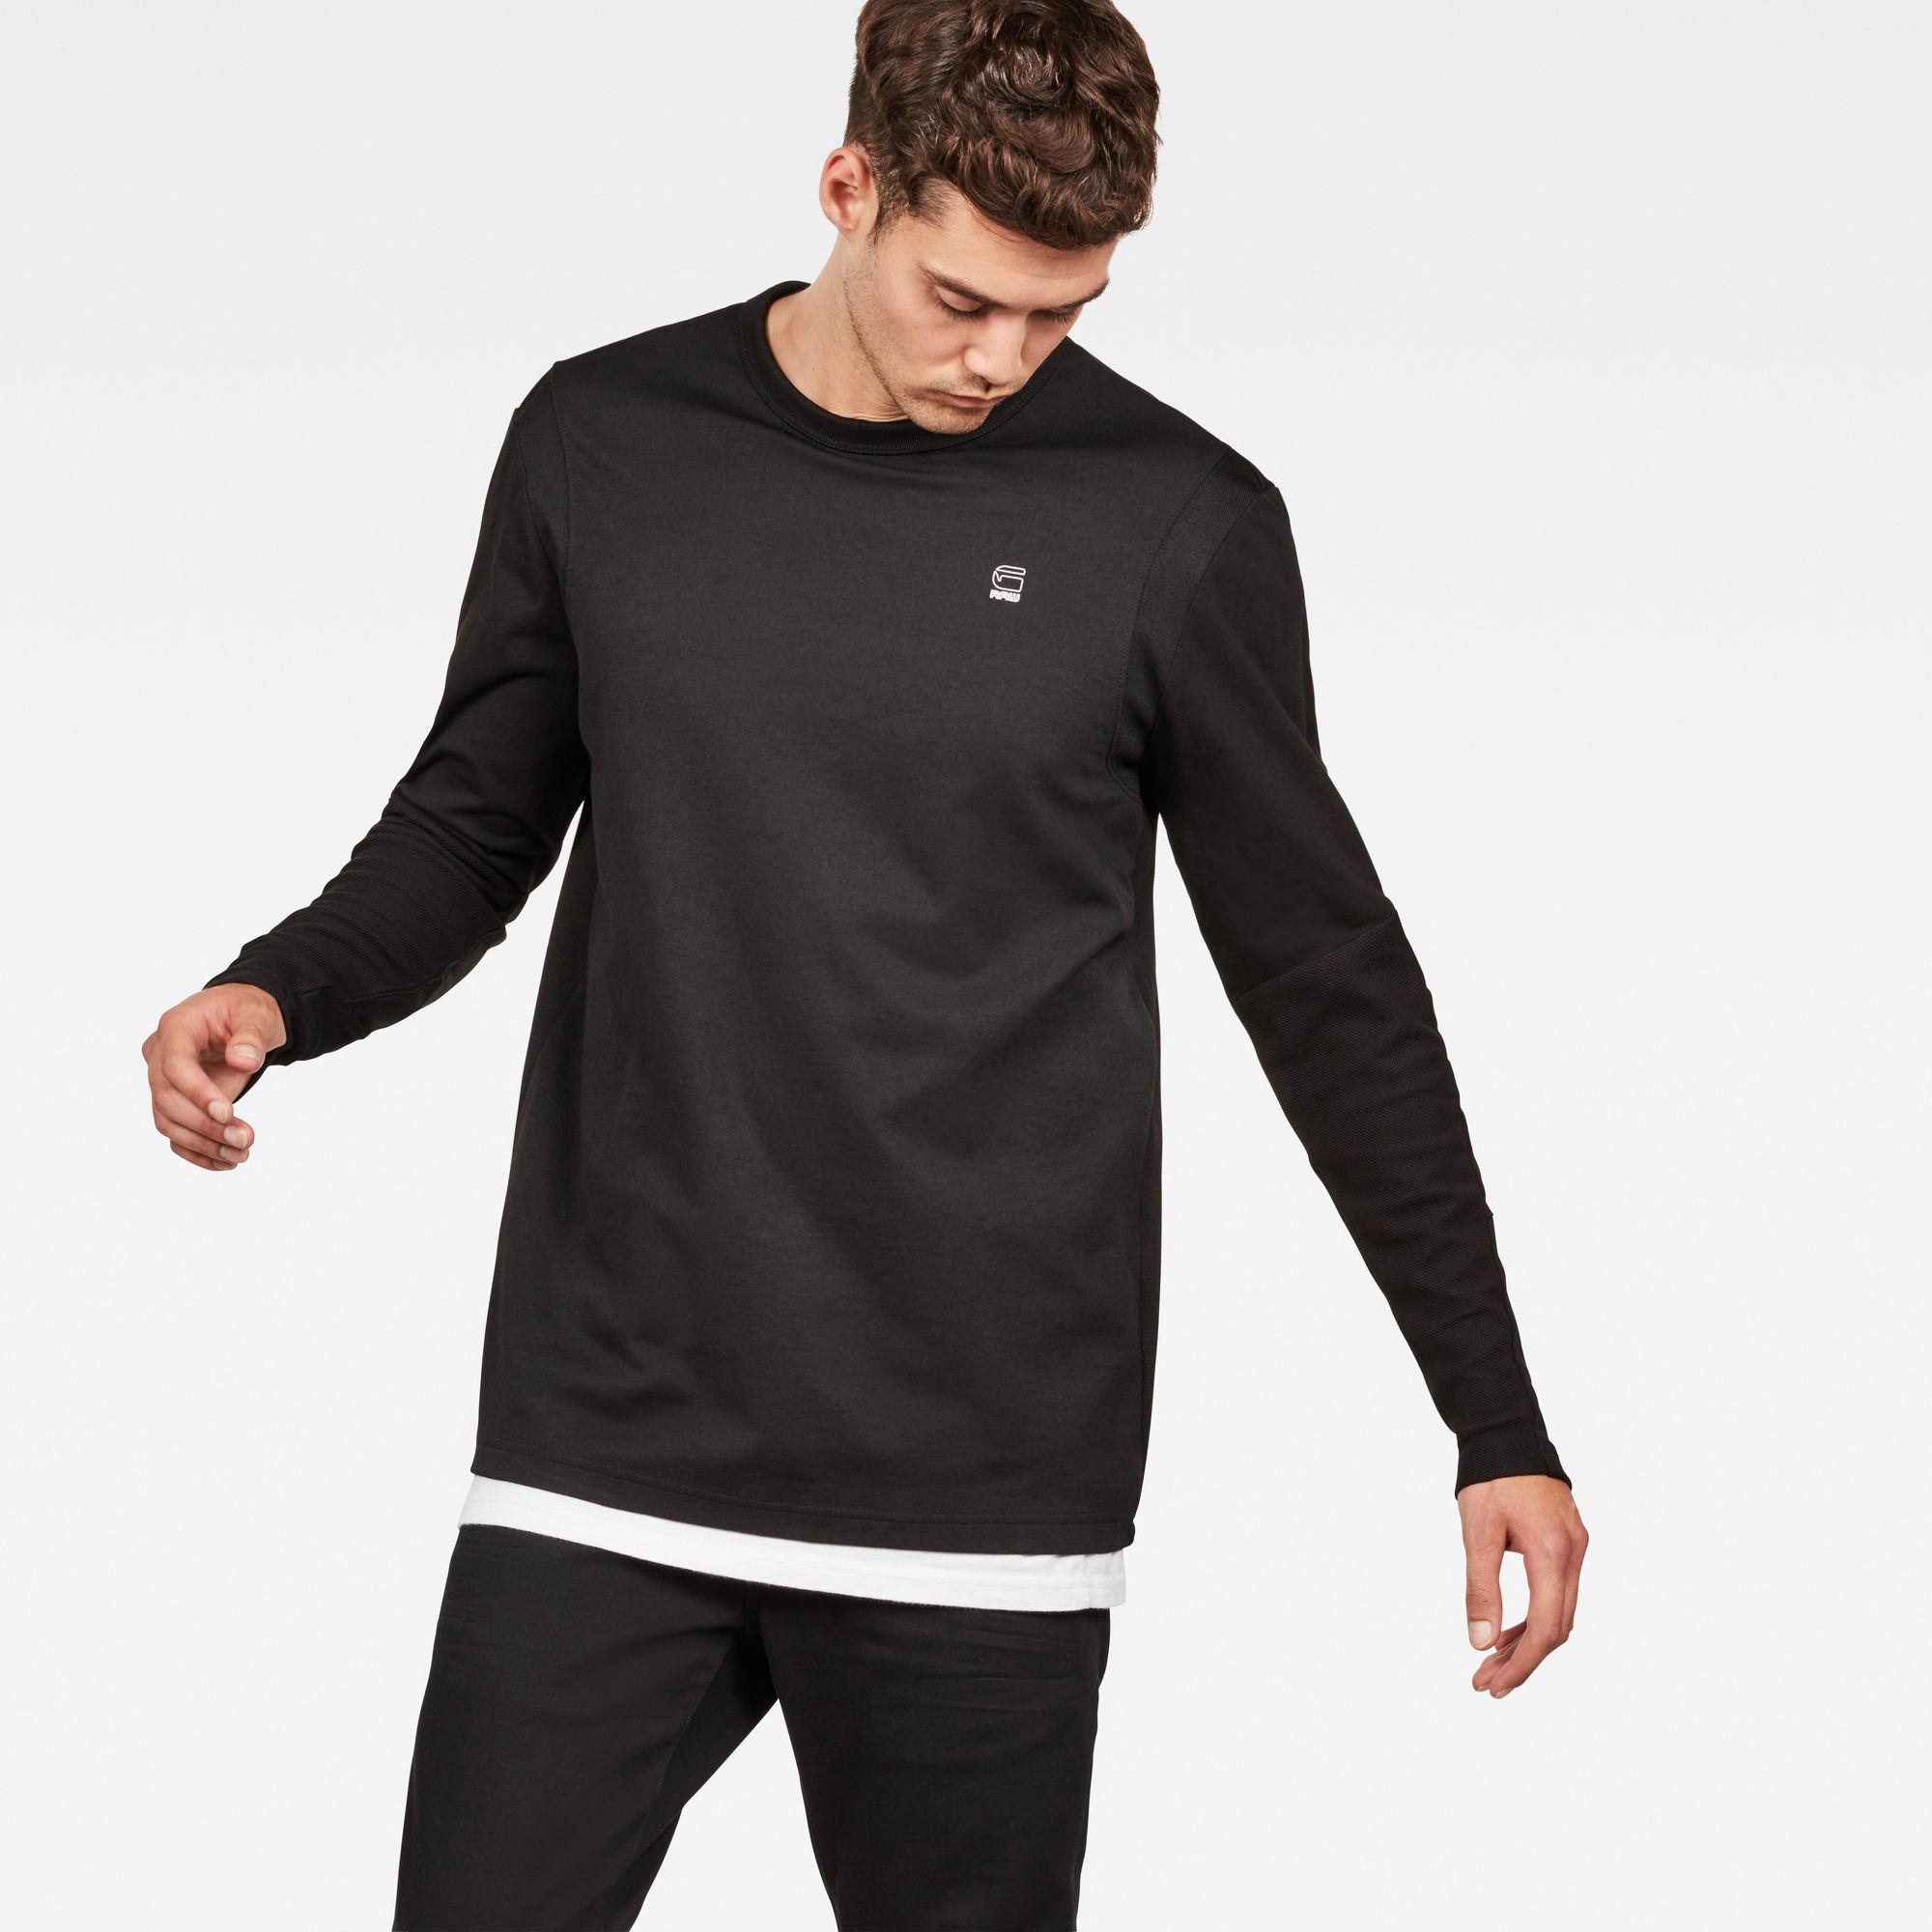 G-Star RAW Heren Motac Dc T-Shirt Zwart